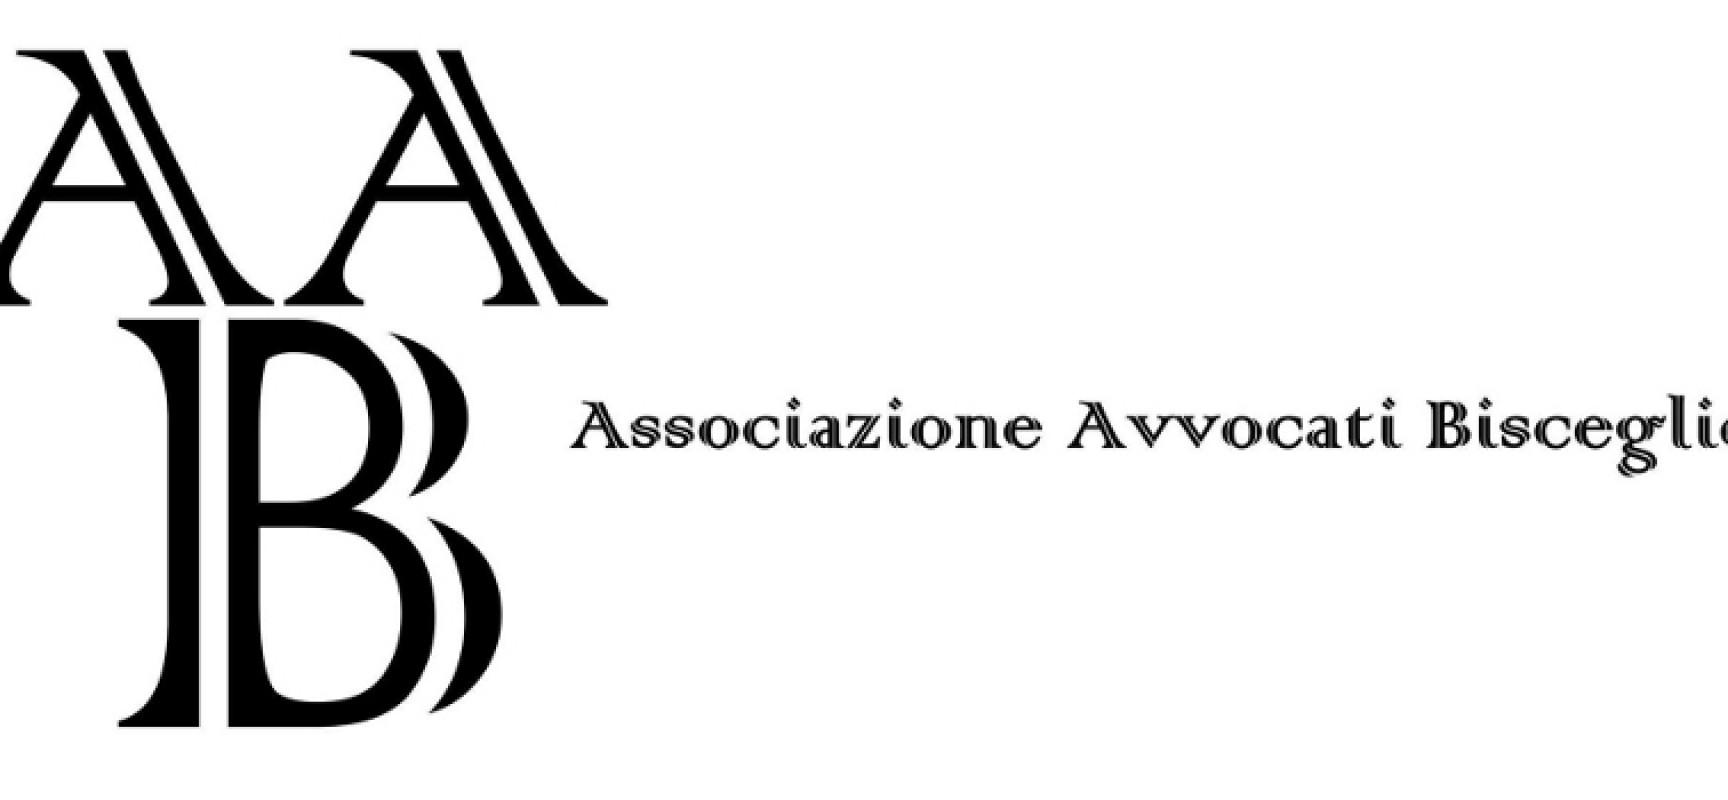 Associazione Avvocati Bisceglie: assegnate le cariche per il biennio 2015-17